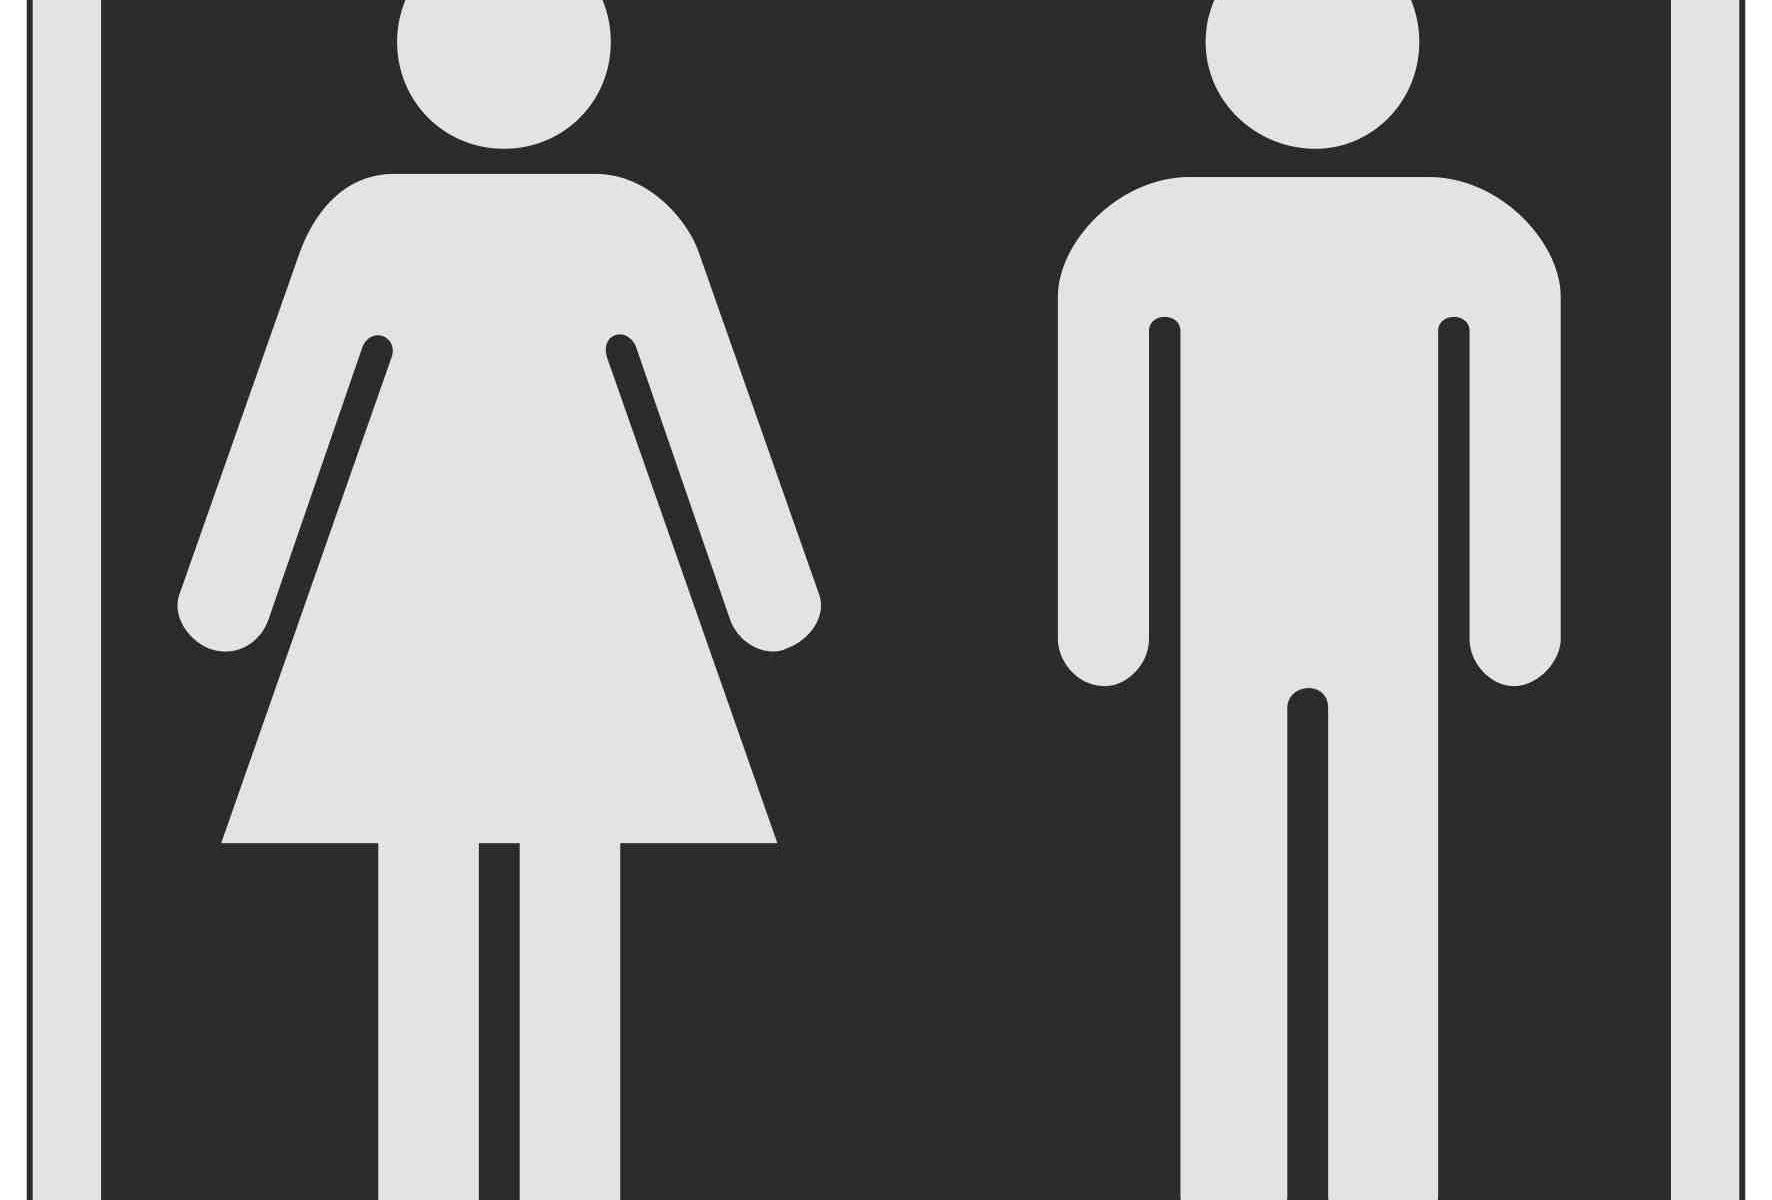 Ladies Gents Symbols Toilet